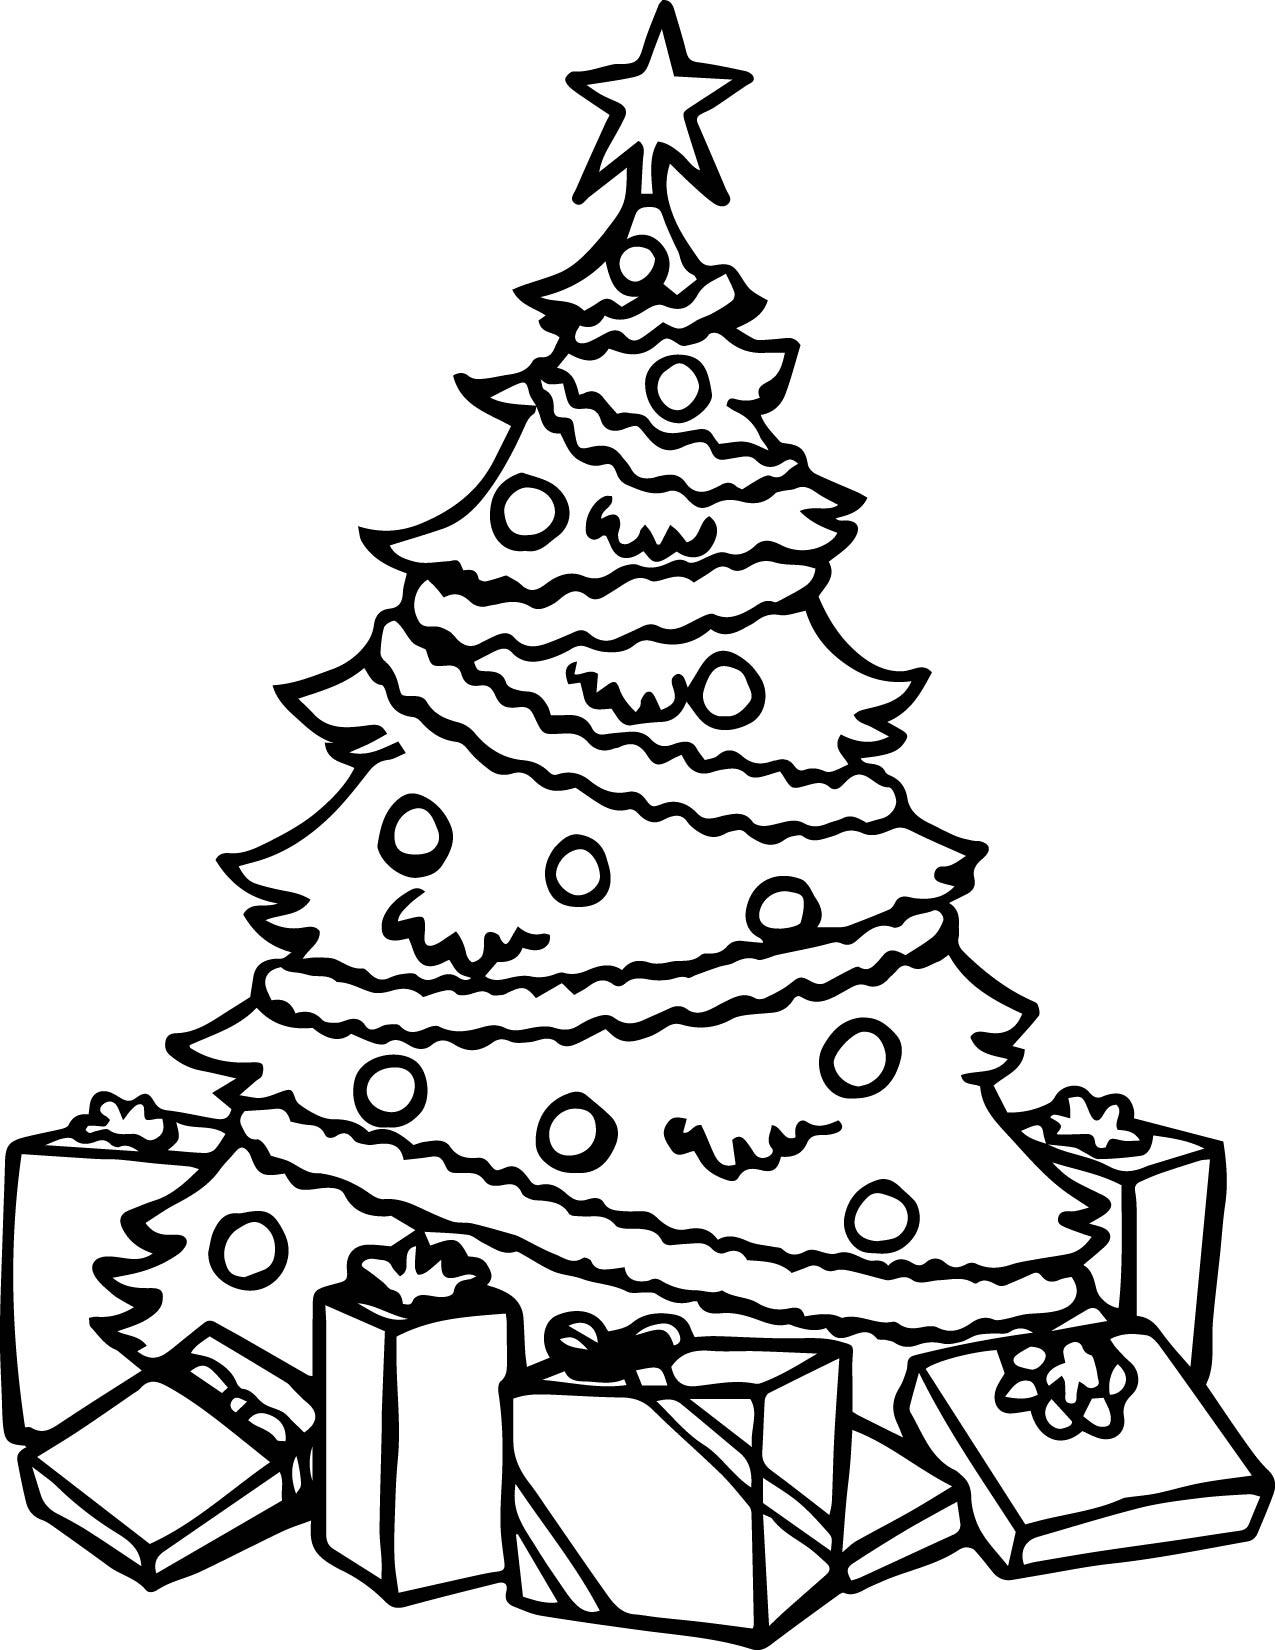 Christmas Tree Printable Coloring Page